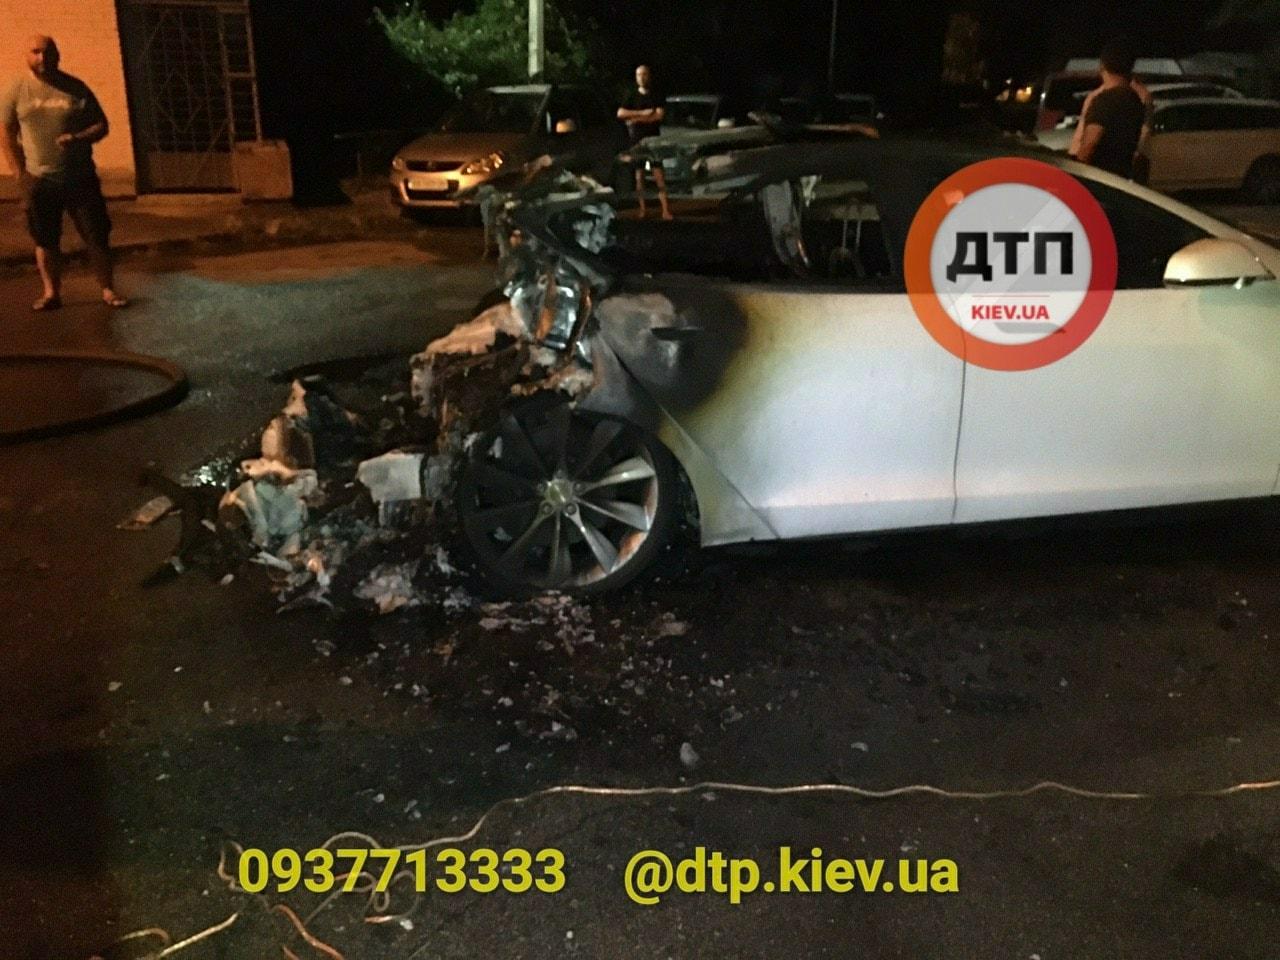 Сгоревшая Tesla (источник - dtp.kiev.ua)